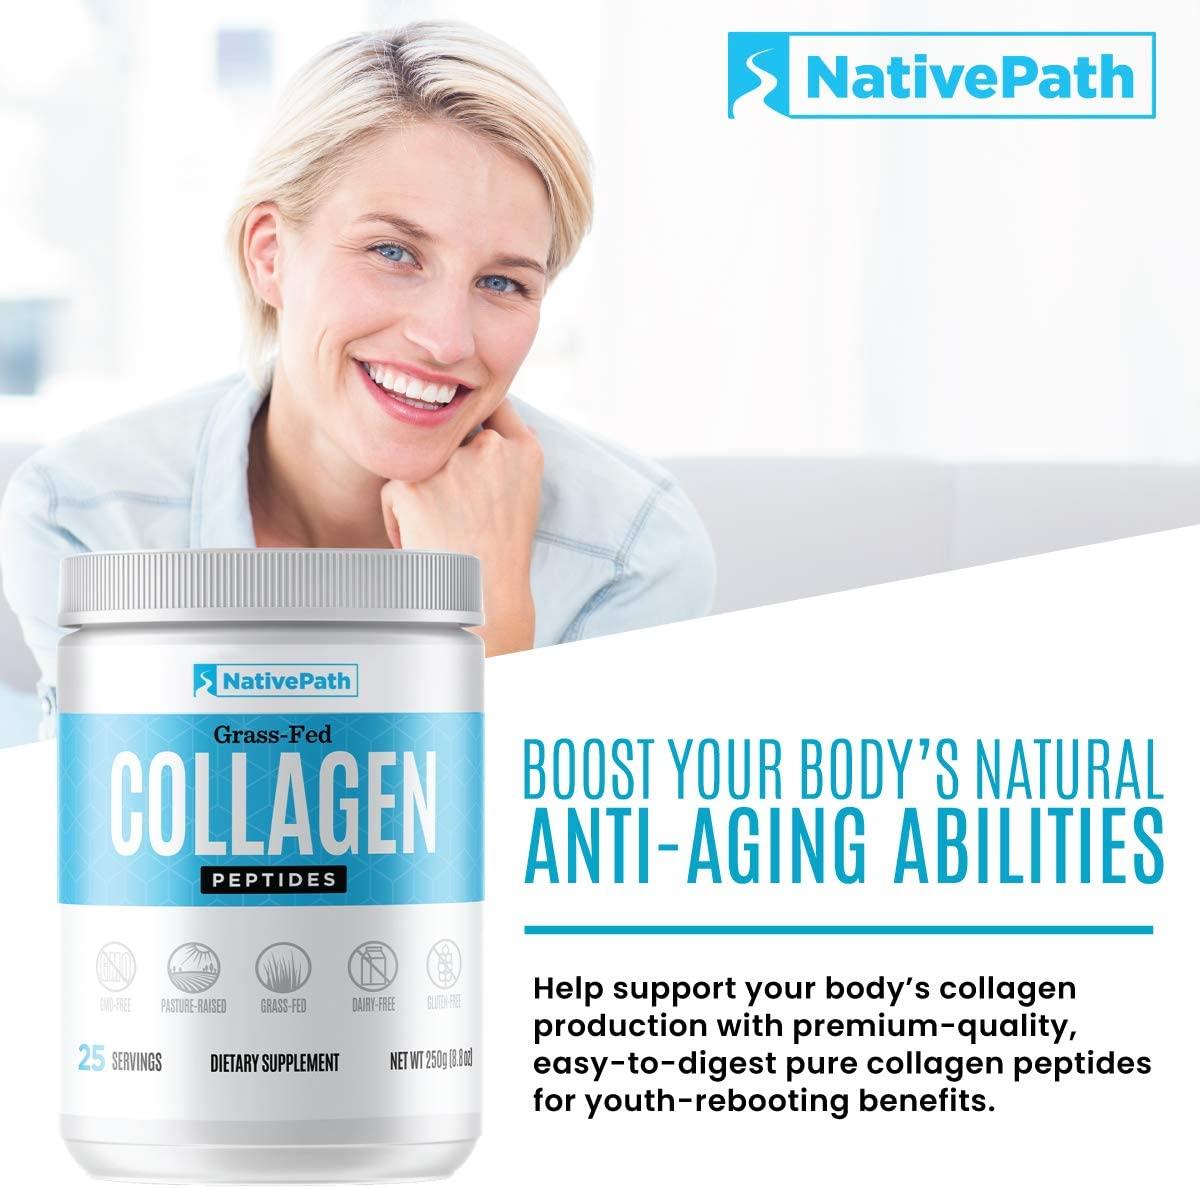 nativepath-grass-fed-collagen